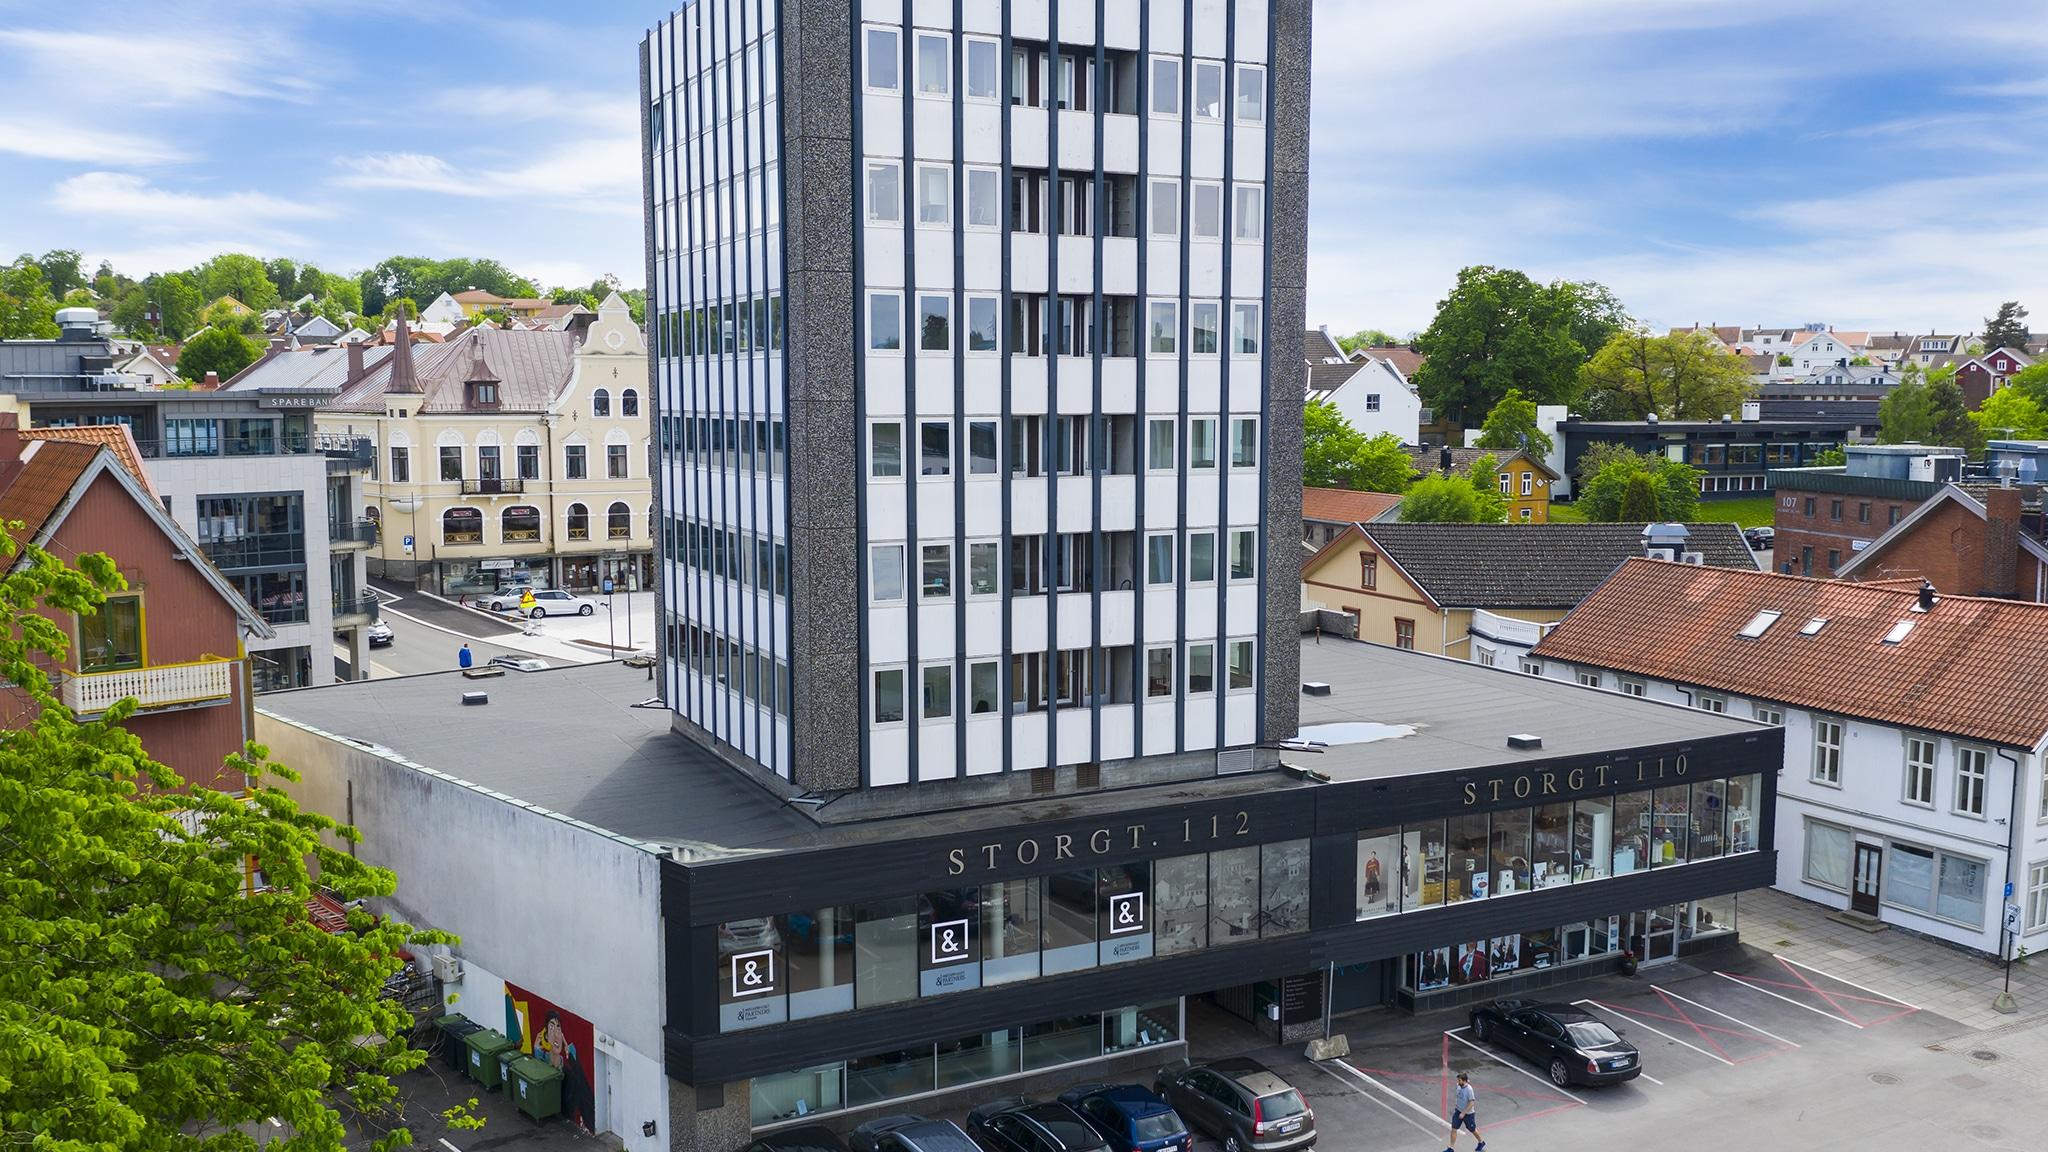 Butikklokale Schankebygg storgata 112 porsgrunn 5